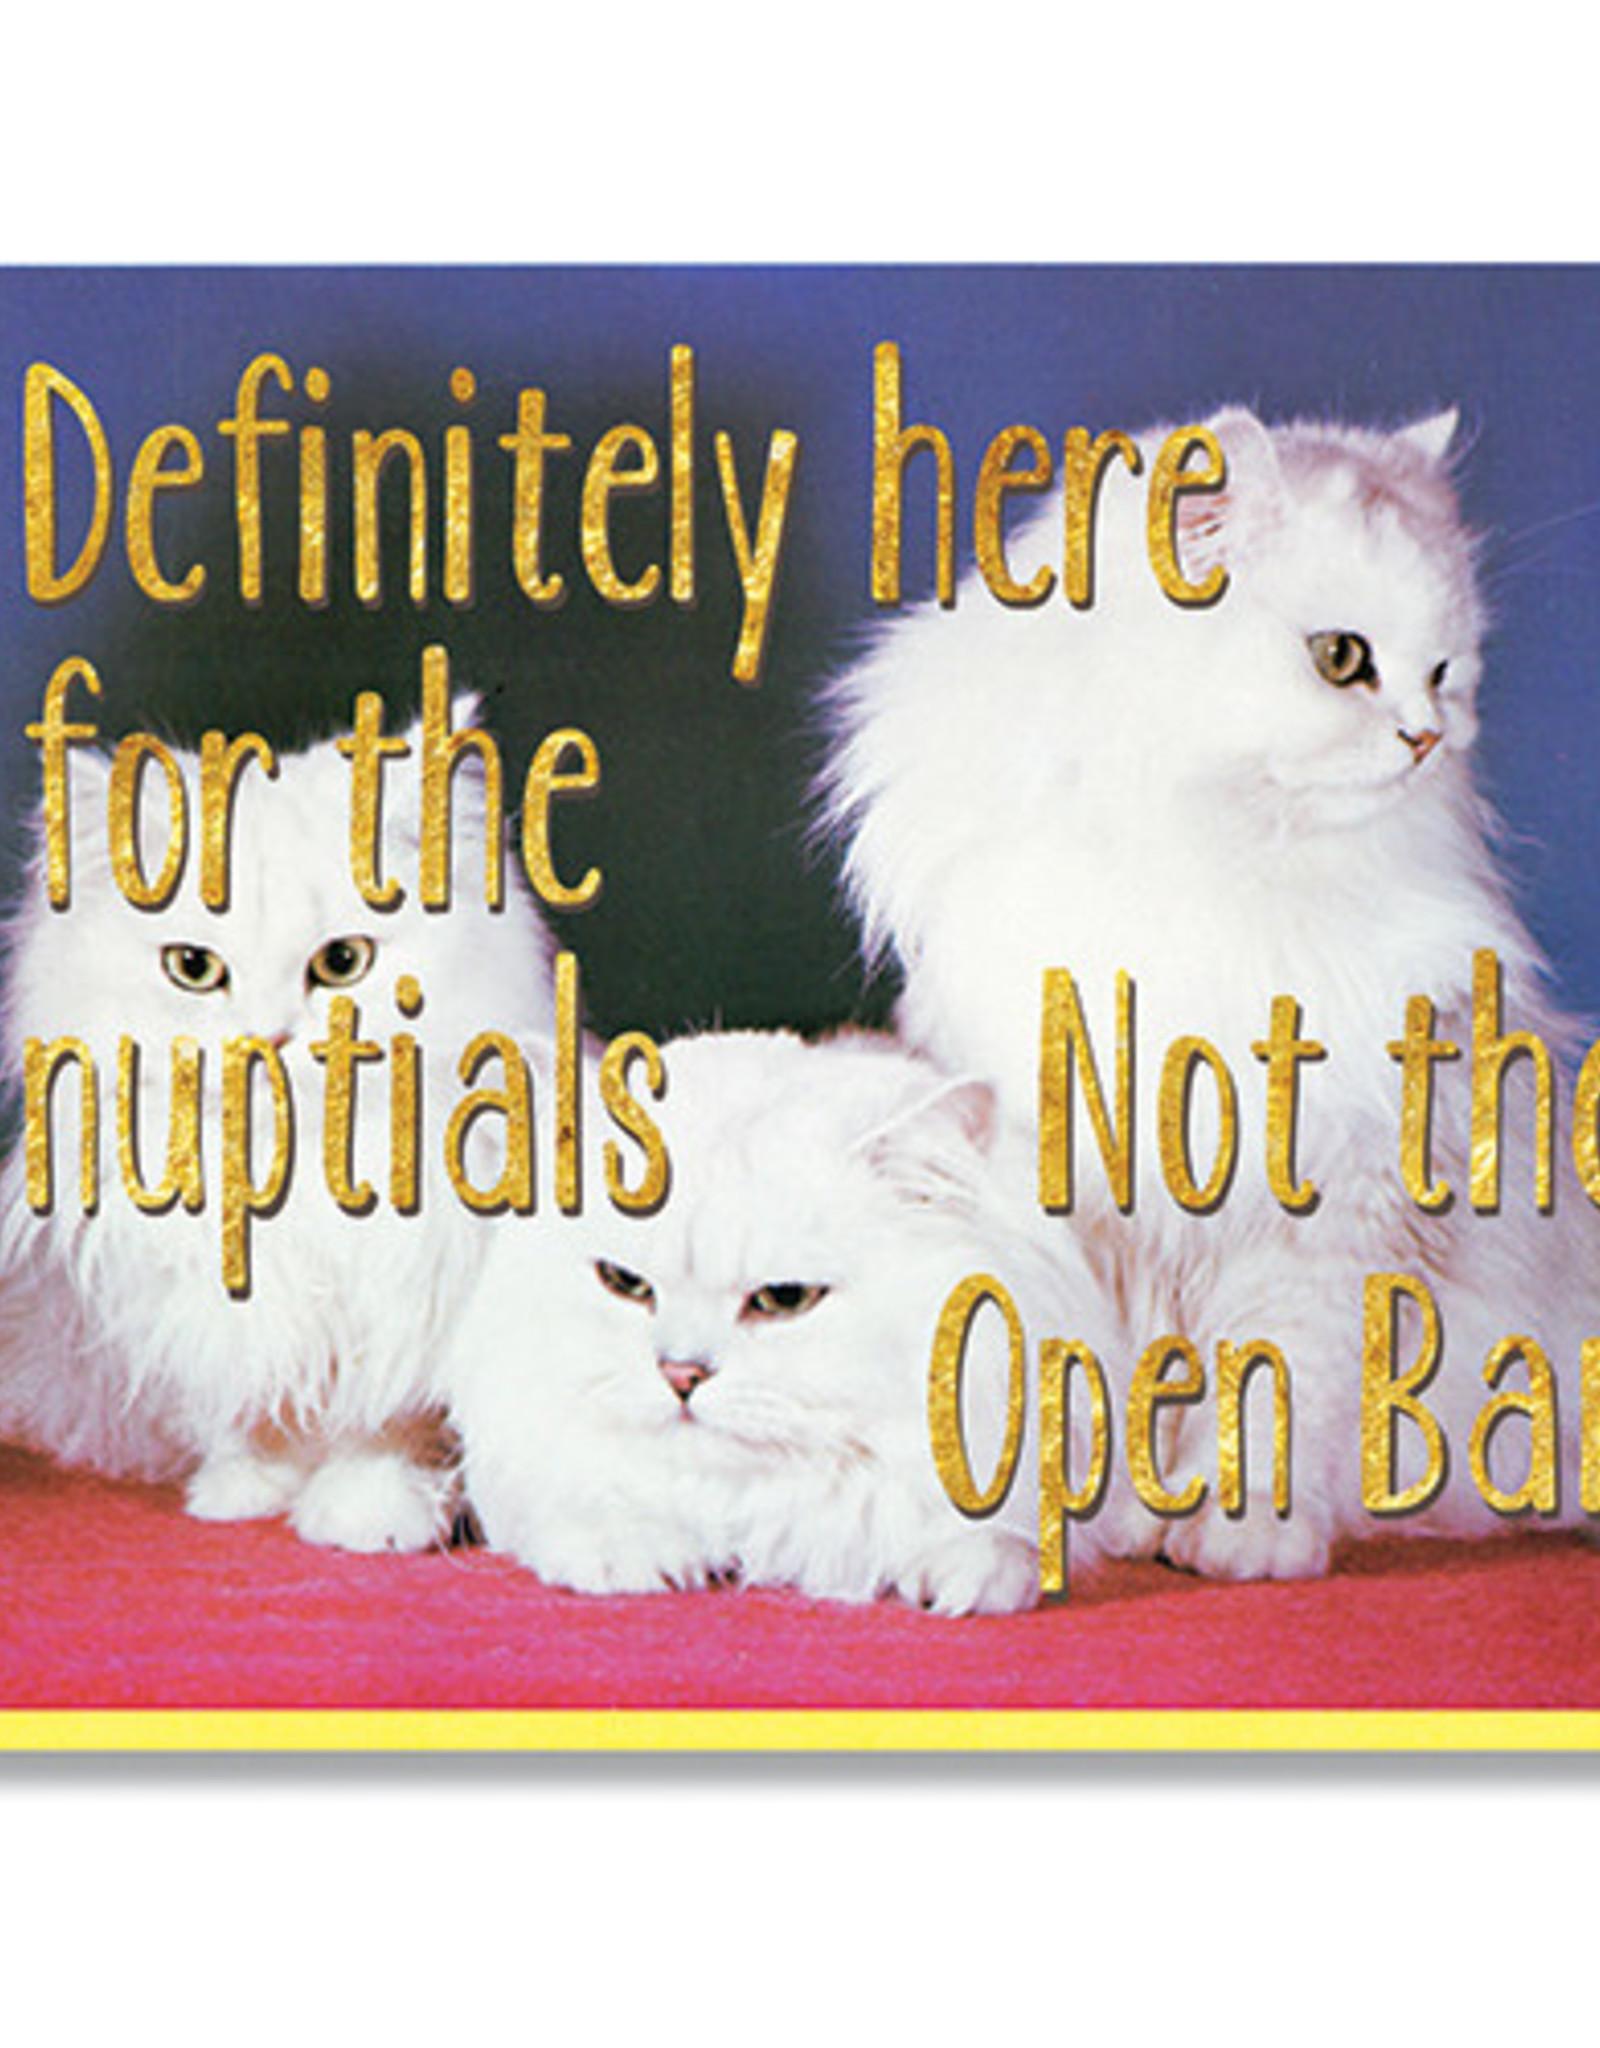 SMITTEN KITTEN NOT HERE FOR THE OPEN BAR